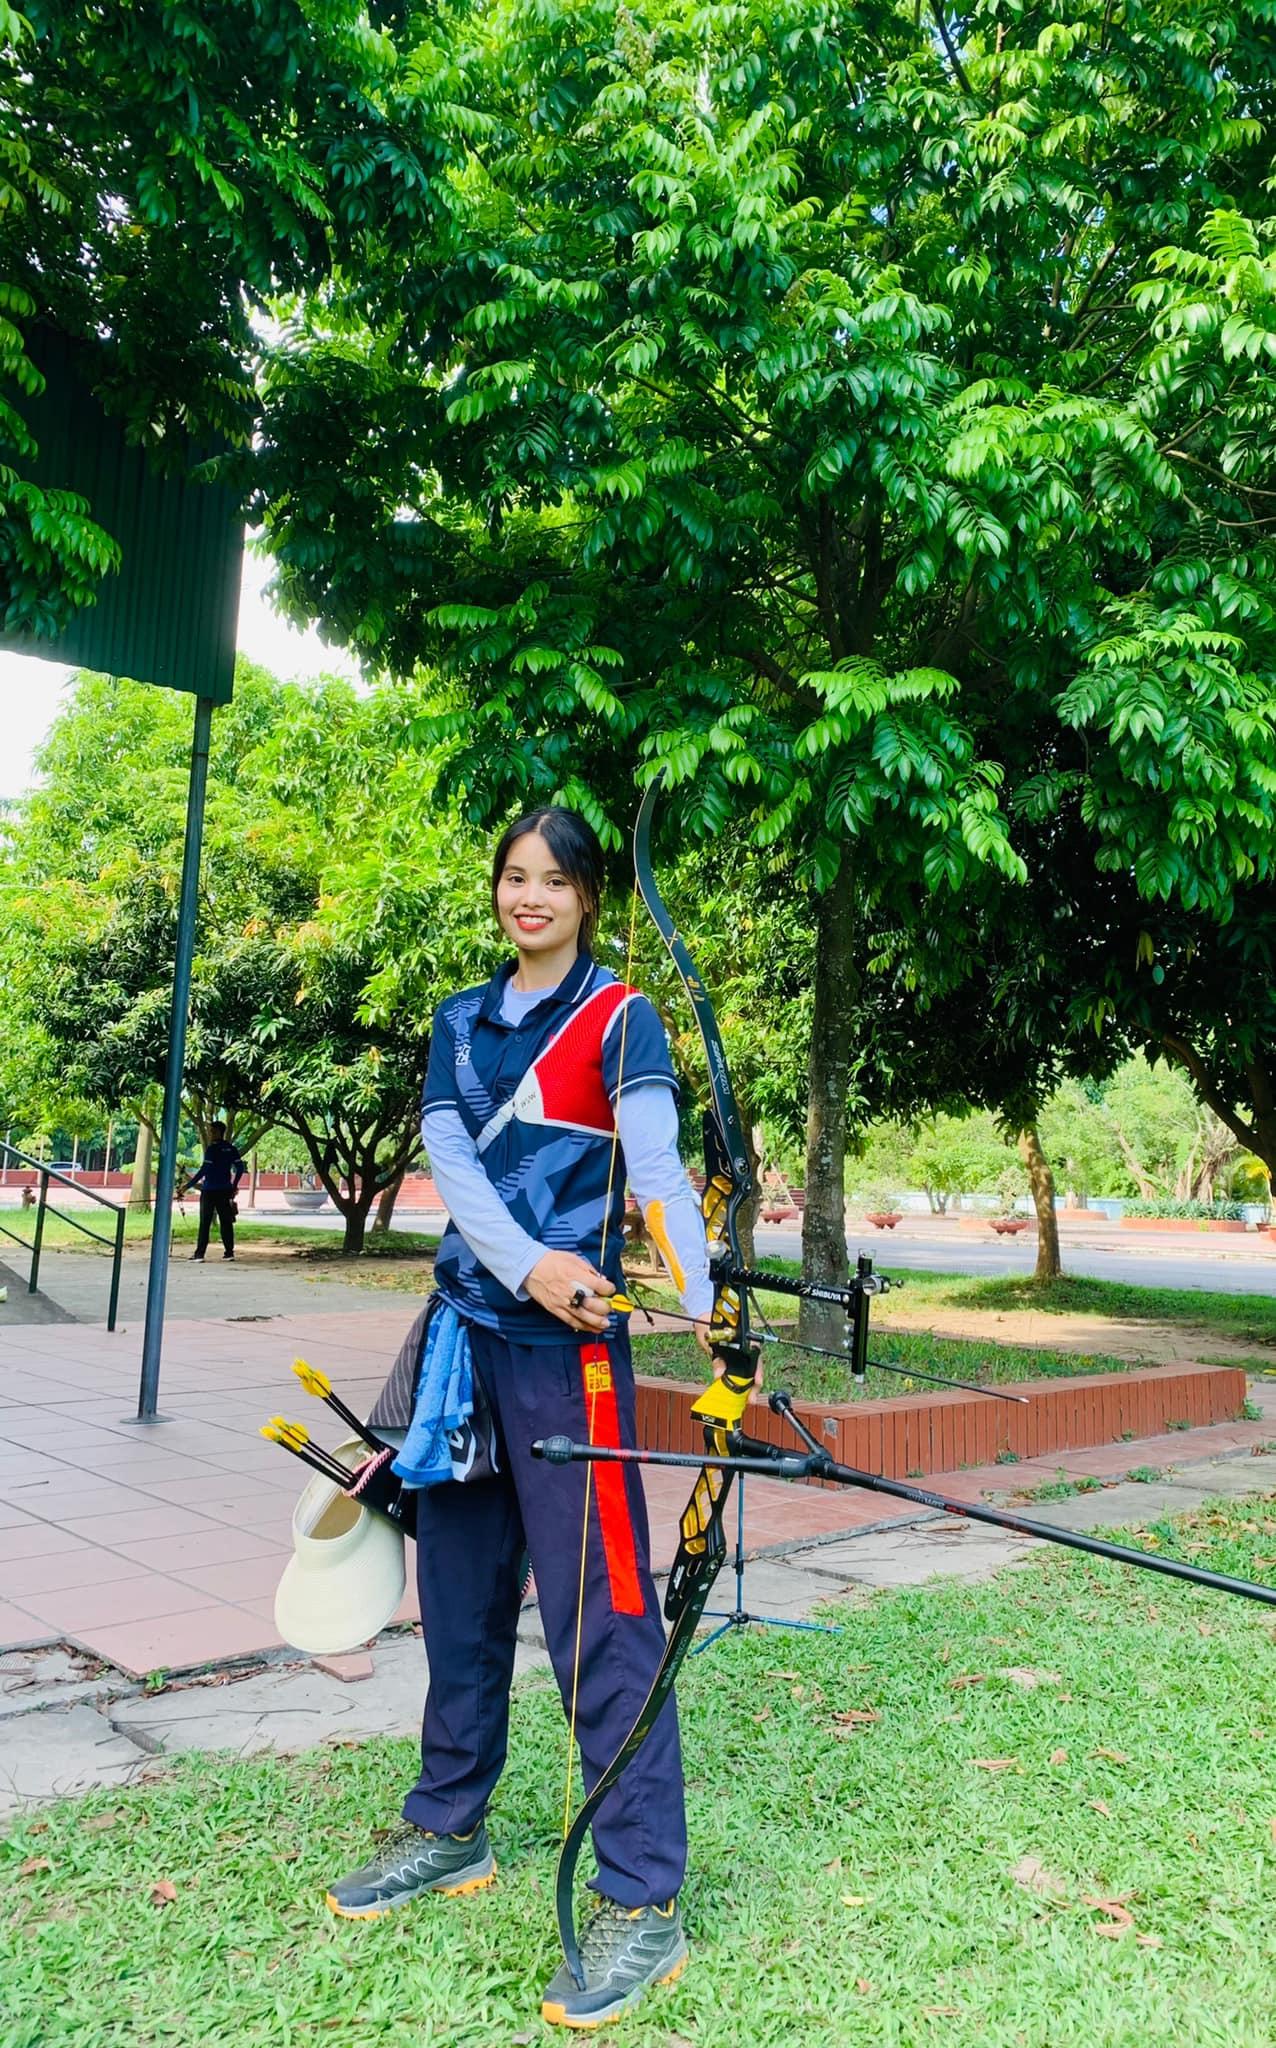 Đấu trường Olympic sẽ là cơ hội để Ánh Nguyệt thể hiện bản thân đem về vinh quang cho tổ quốc. Sự dễ thương của cô